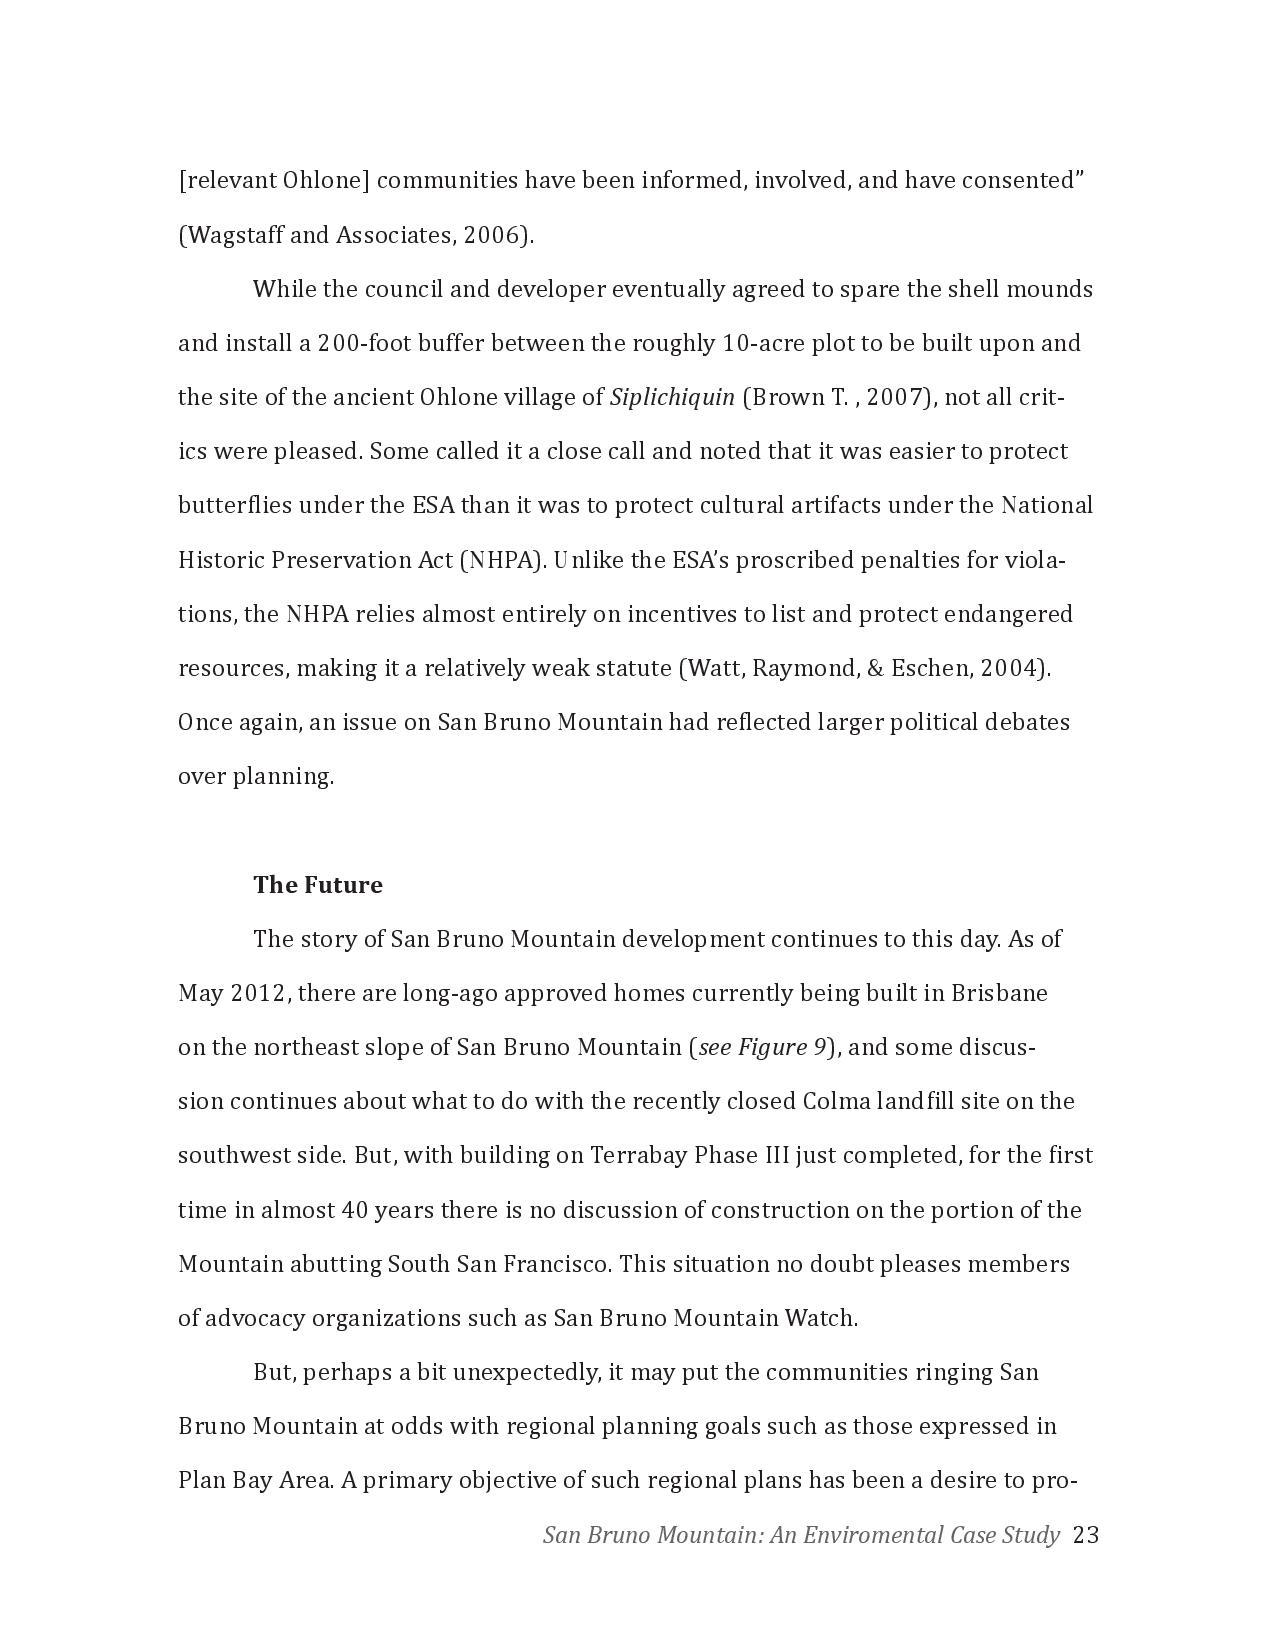 SBM An Environmental Case Study J Baker-page-023